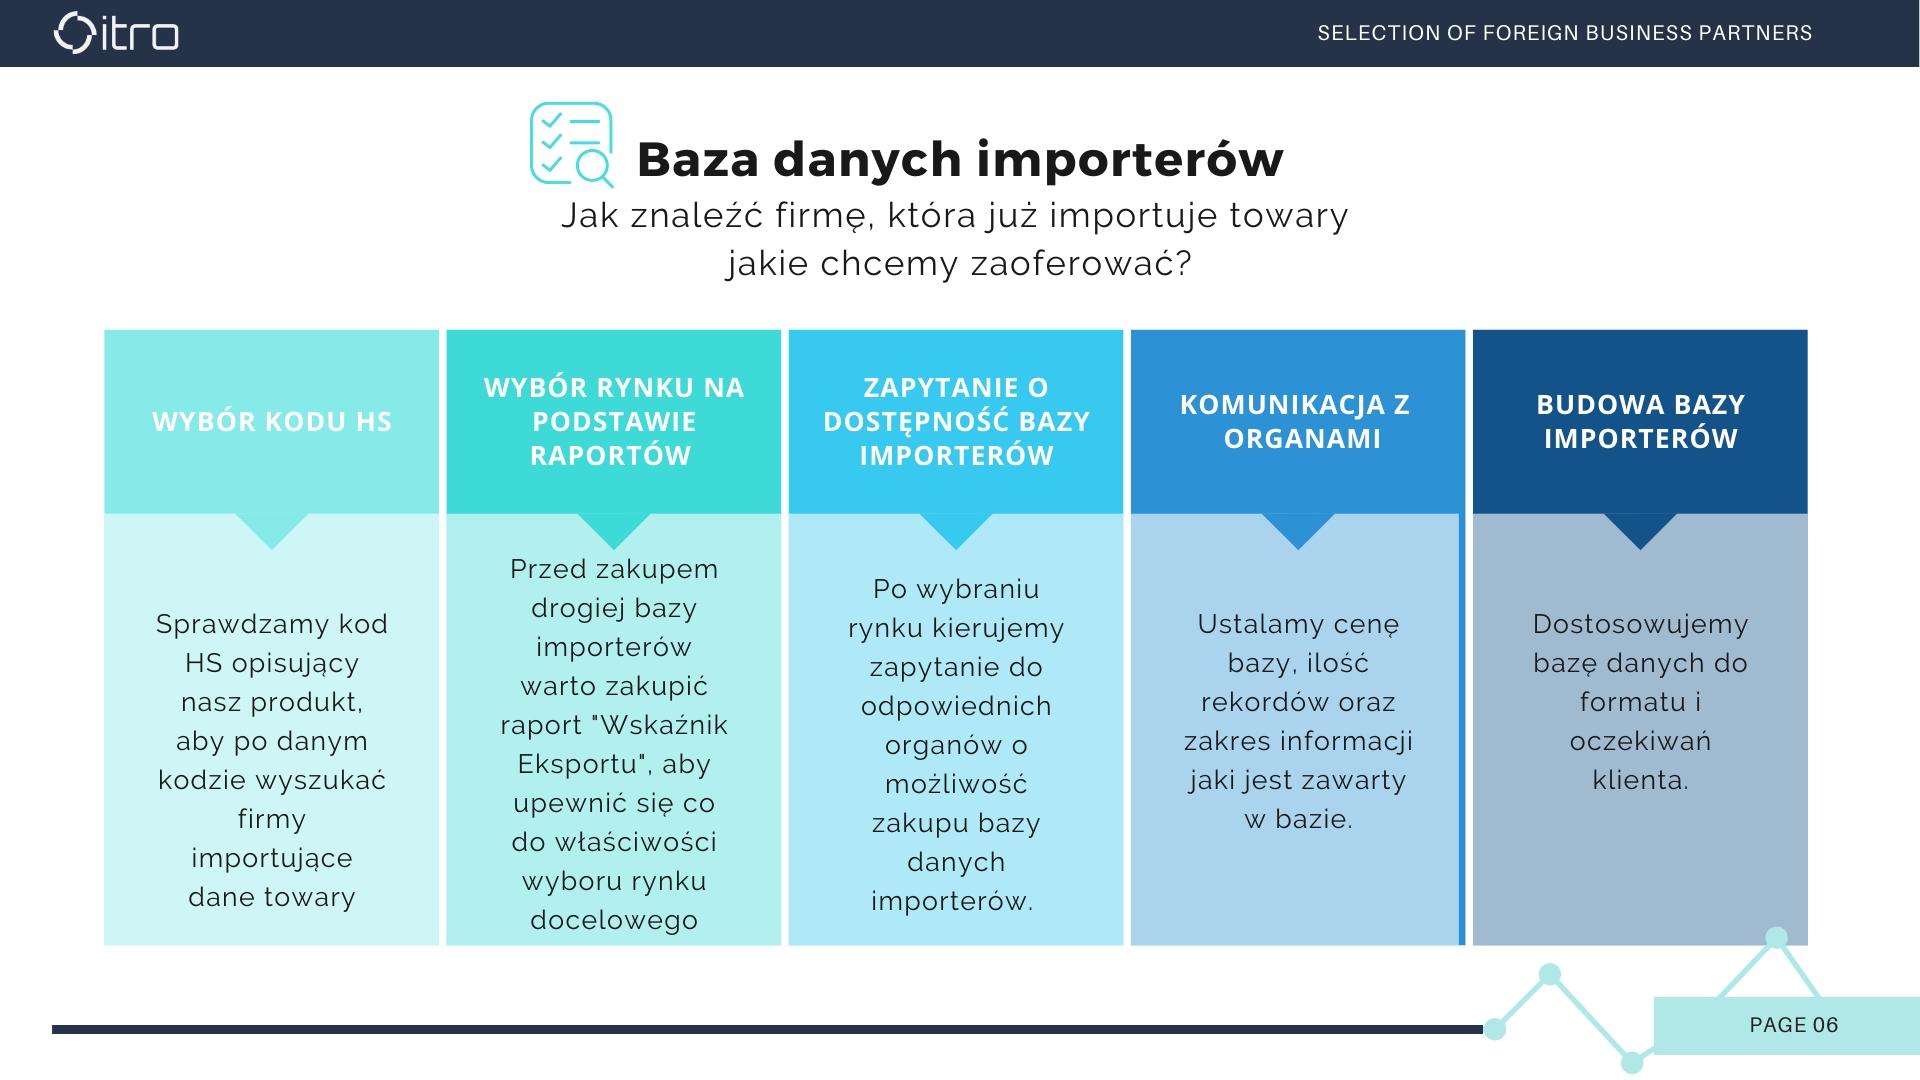 6_Professionalservicestointernationalizeyourbusiness_by ITRO_Bazy danych importerów_2020